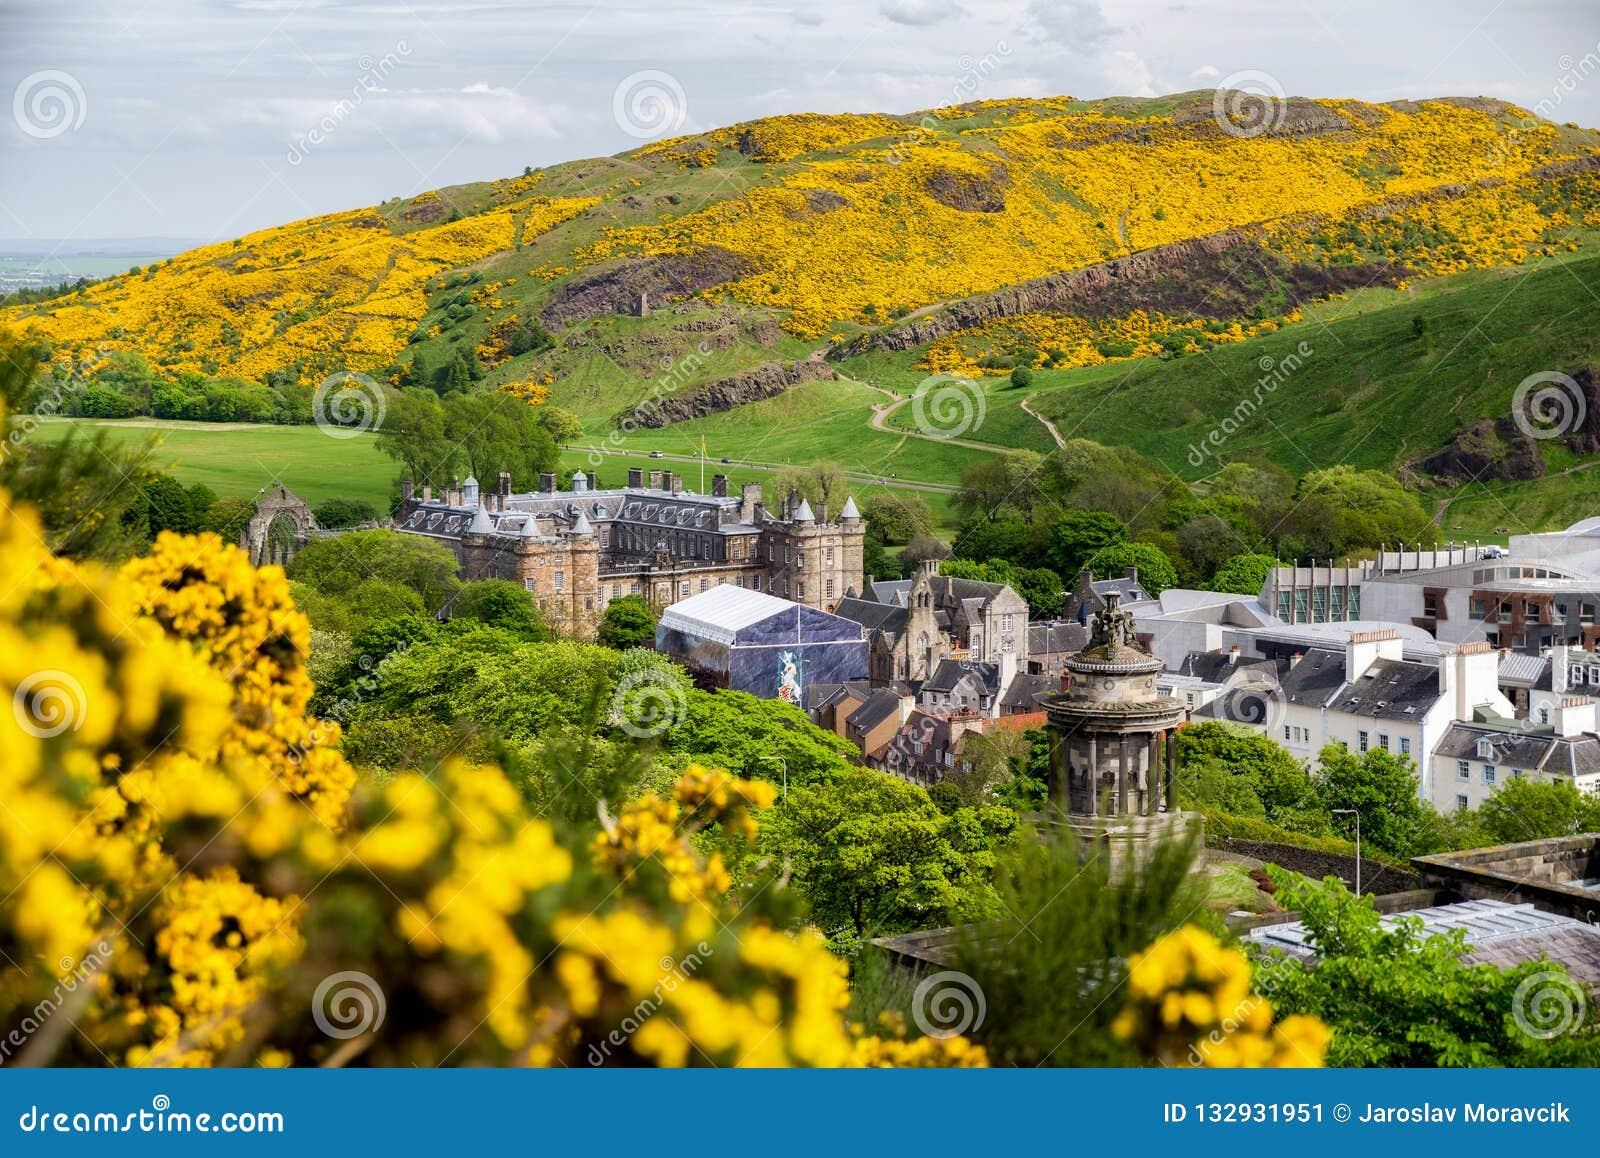 Palácio de Holyroodhouse em Edimburgo